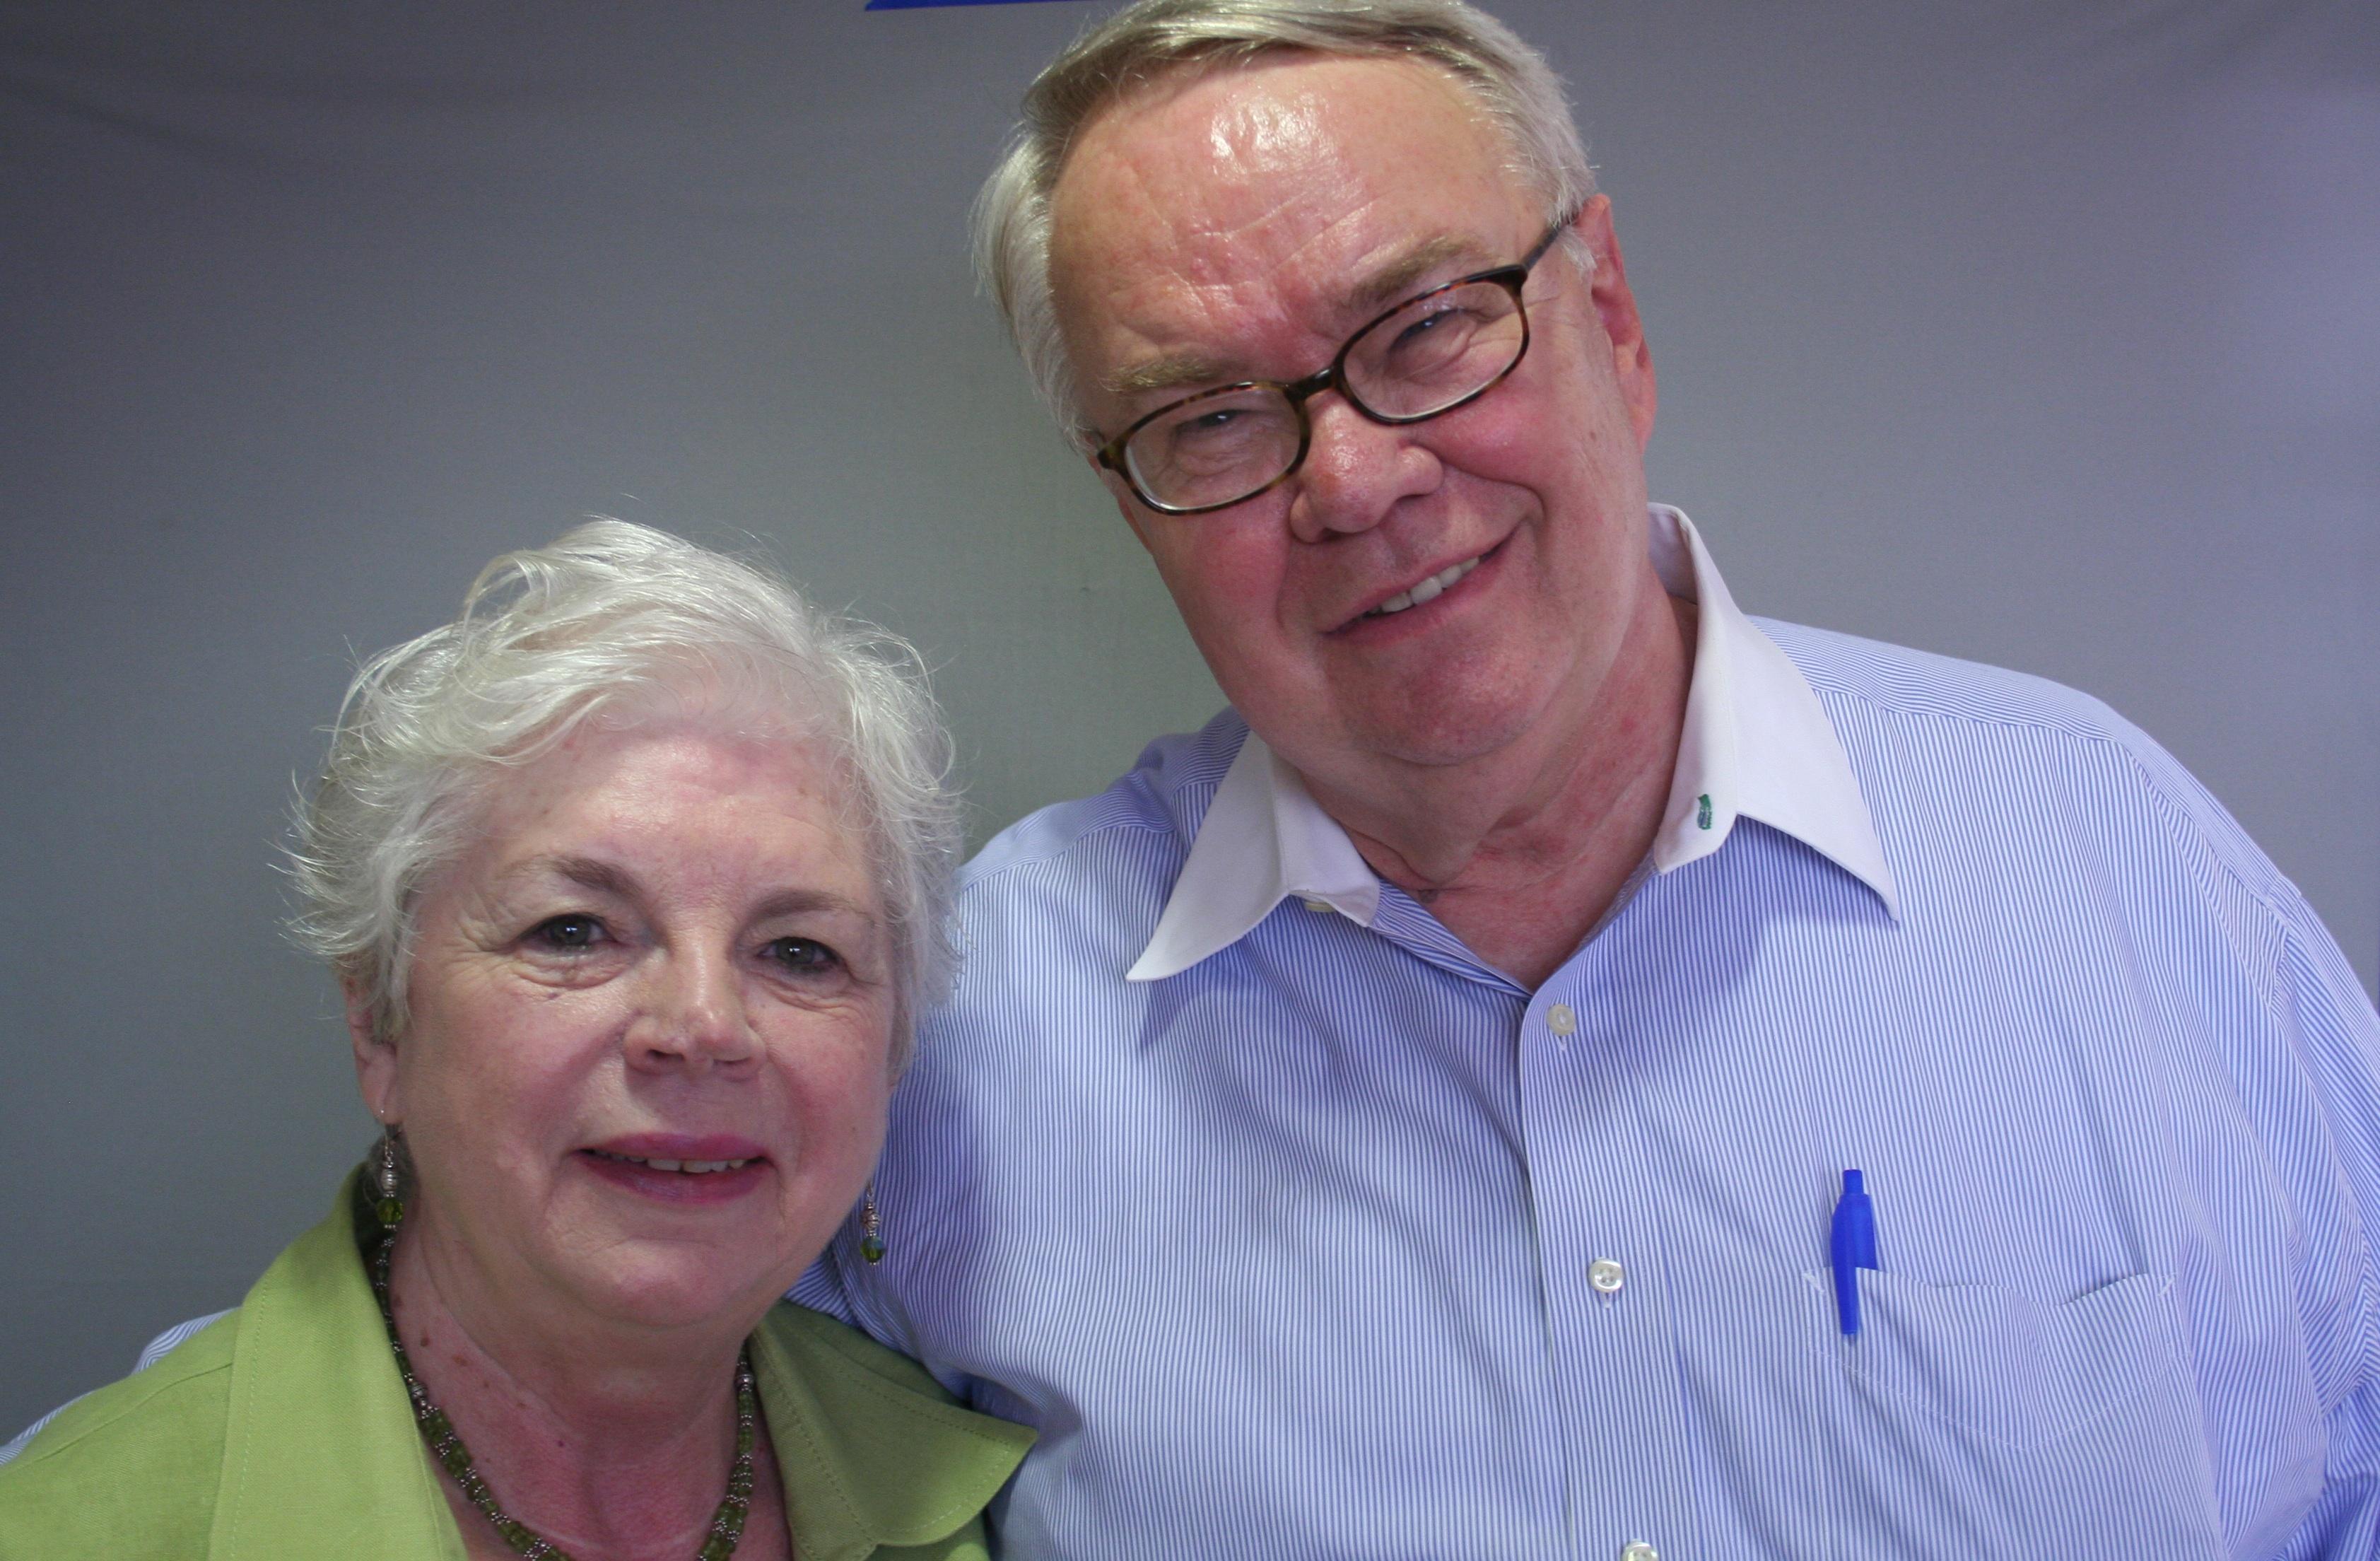 StoryCorps: Roy H. Swensen & Rigmor Swensen